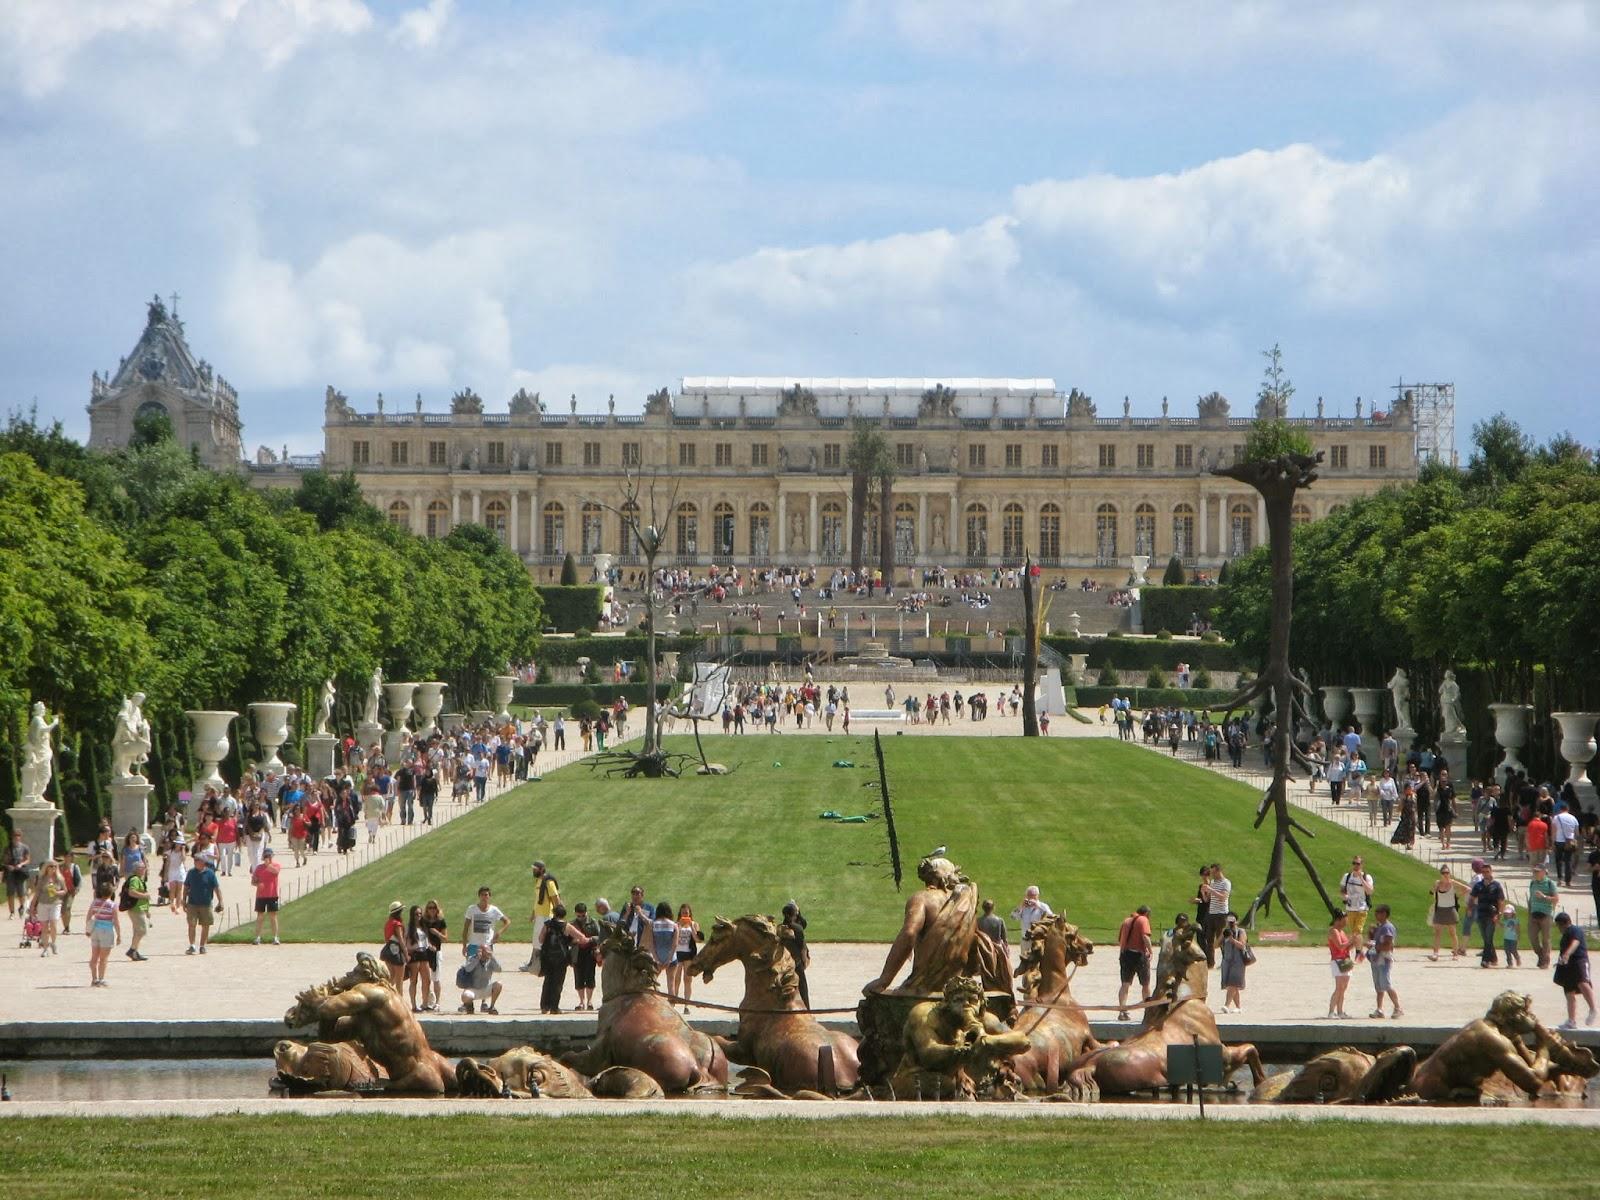 Carrelage Design le tapis vert : Chu00e2teau de Versailles: LE TAPIS VERT